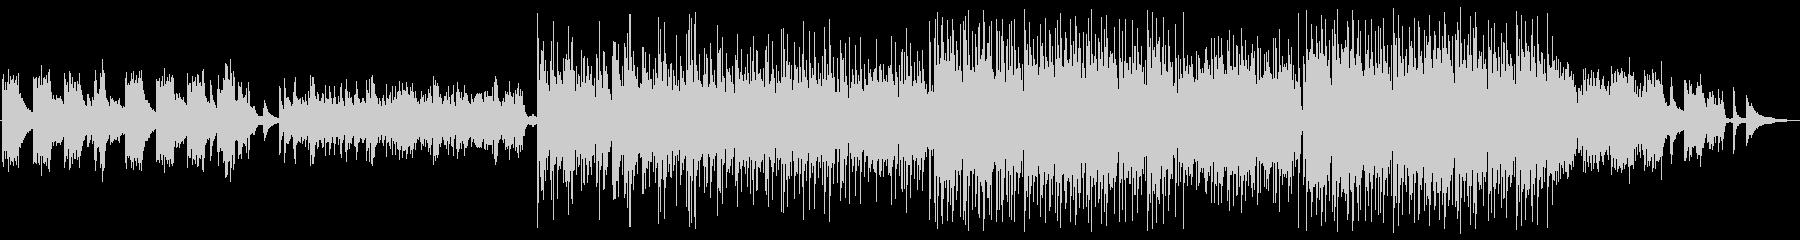 美しく優しいメロディのヒーリングサウンドの未再生の波形